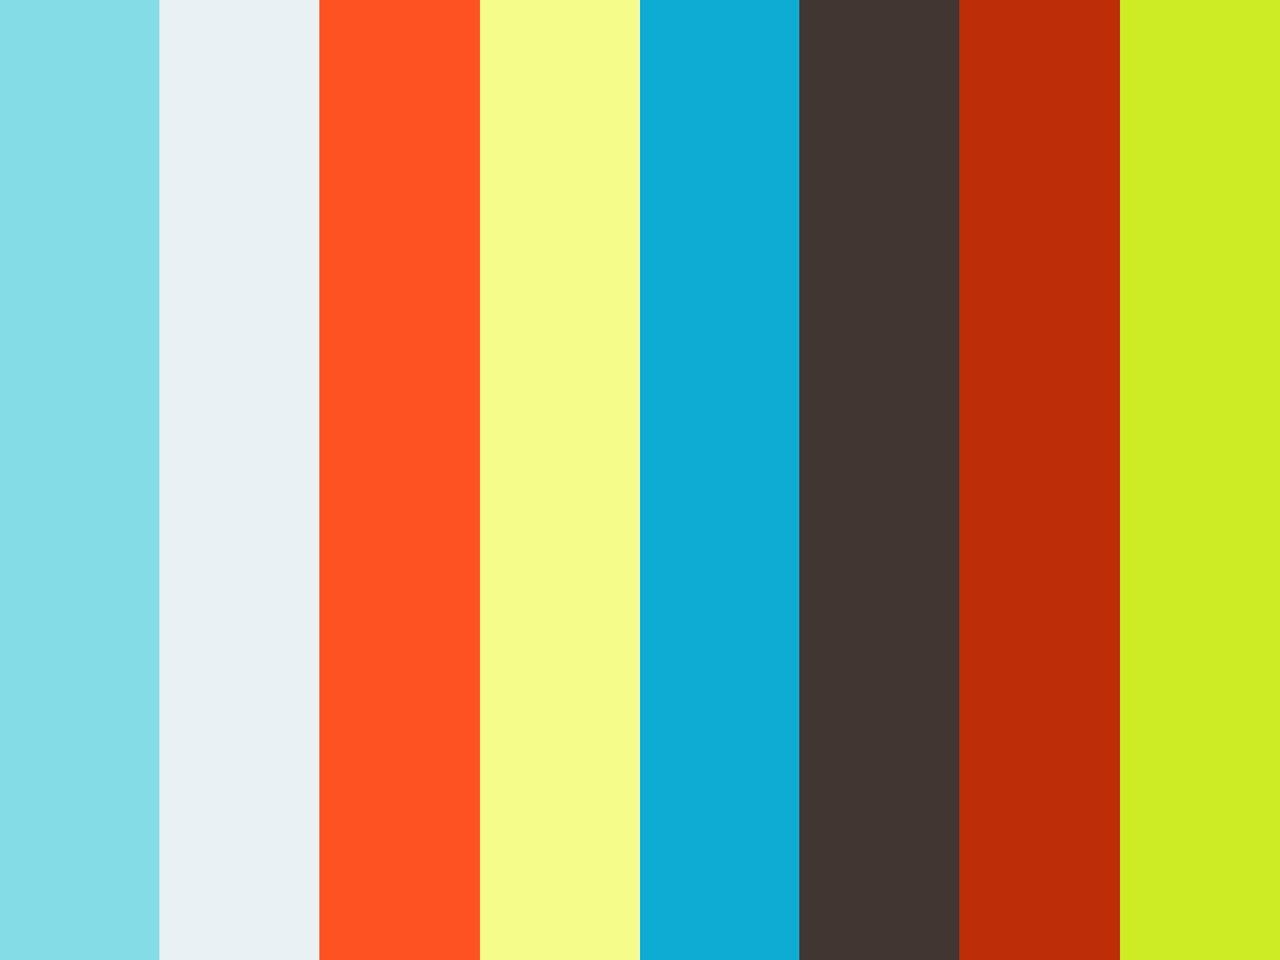 002744 - TV Provincie - jaaroverzicht 5 HULDIGINGEN EN BESTUUR